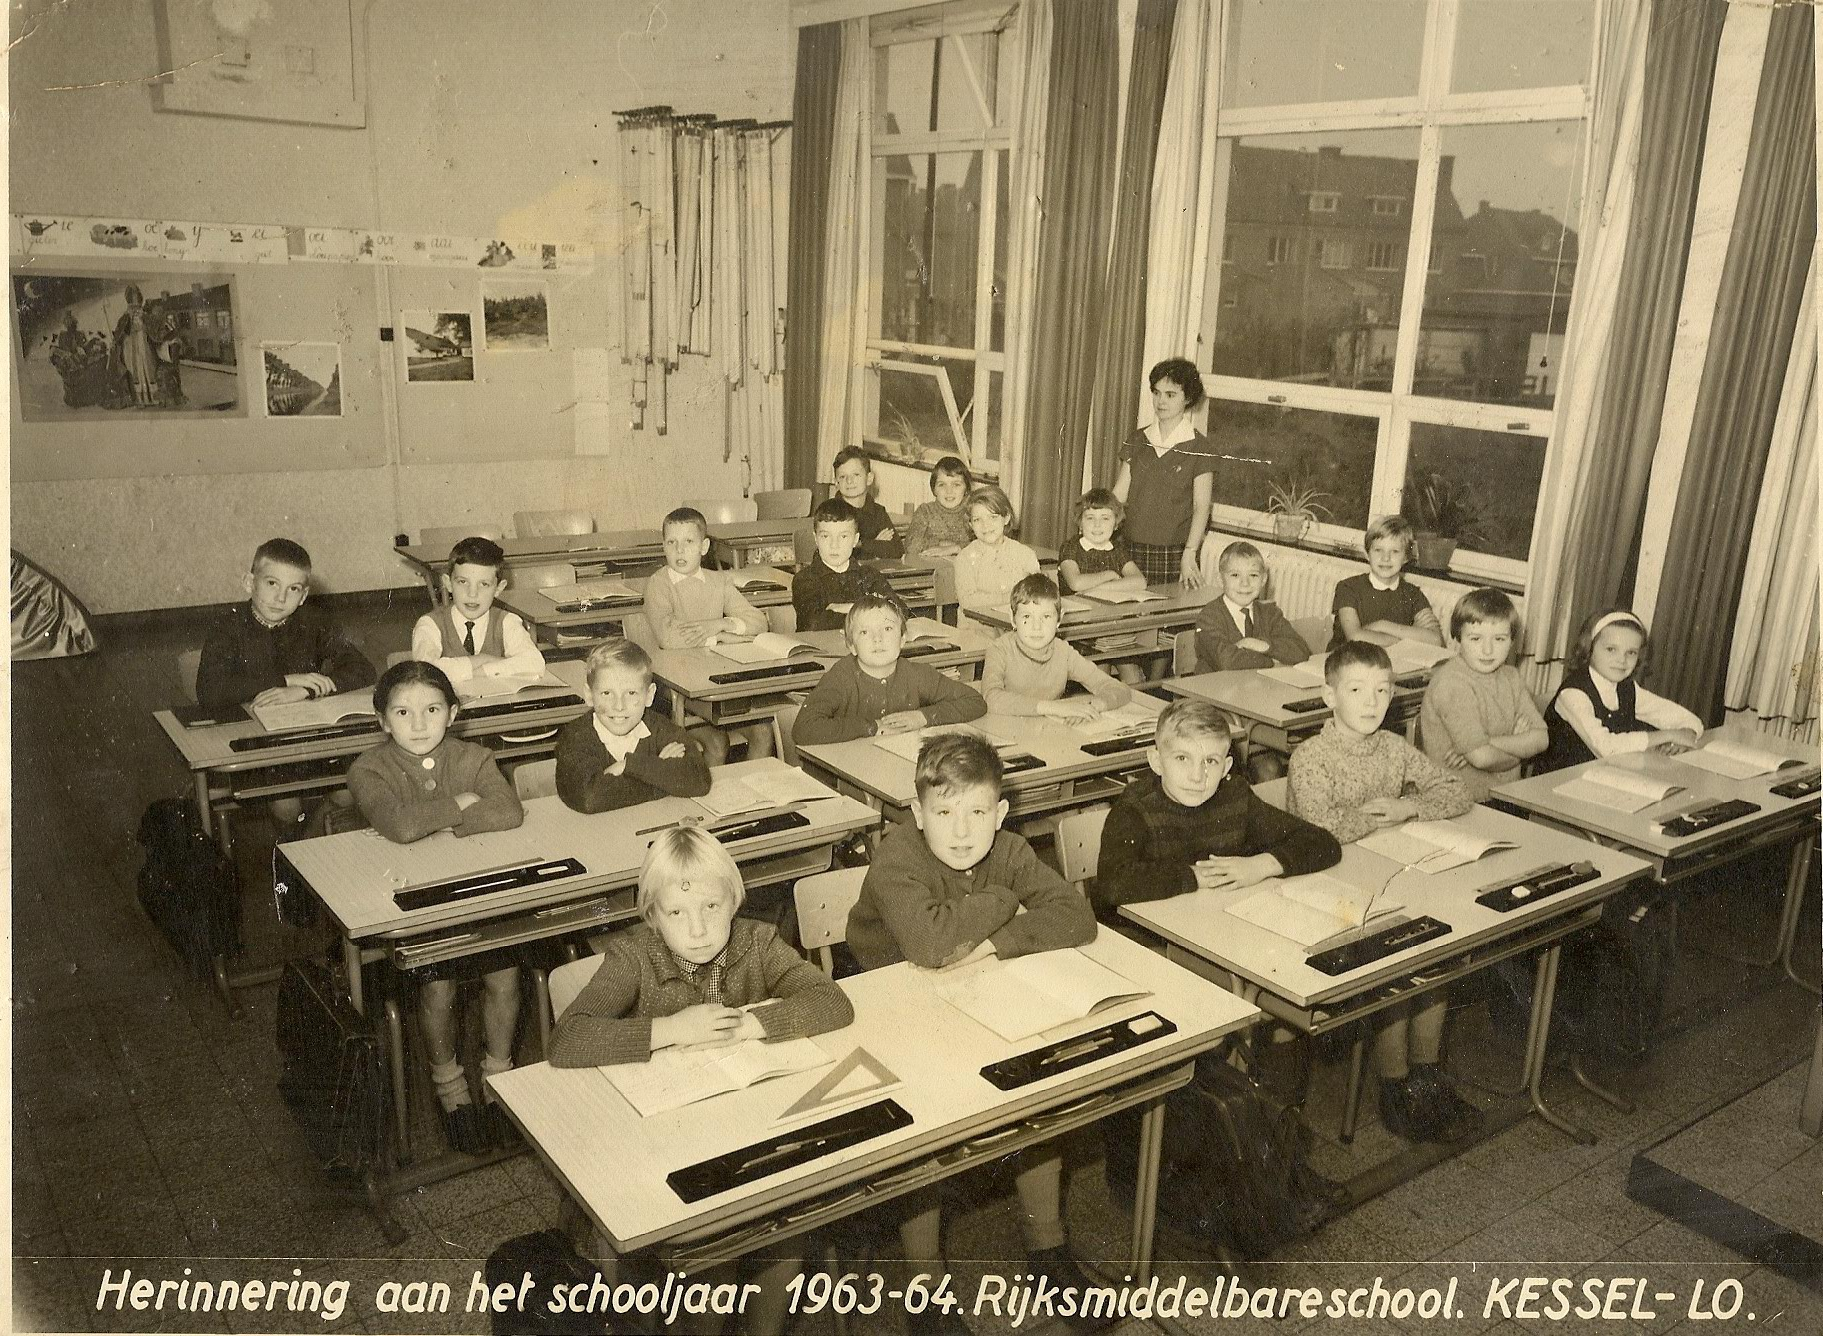 De School Middenschool van het Gemeenschapsonderwijs Kessel-Lo foto